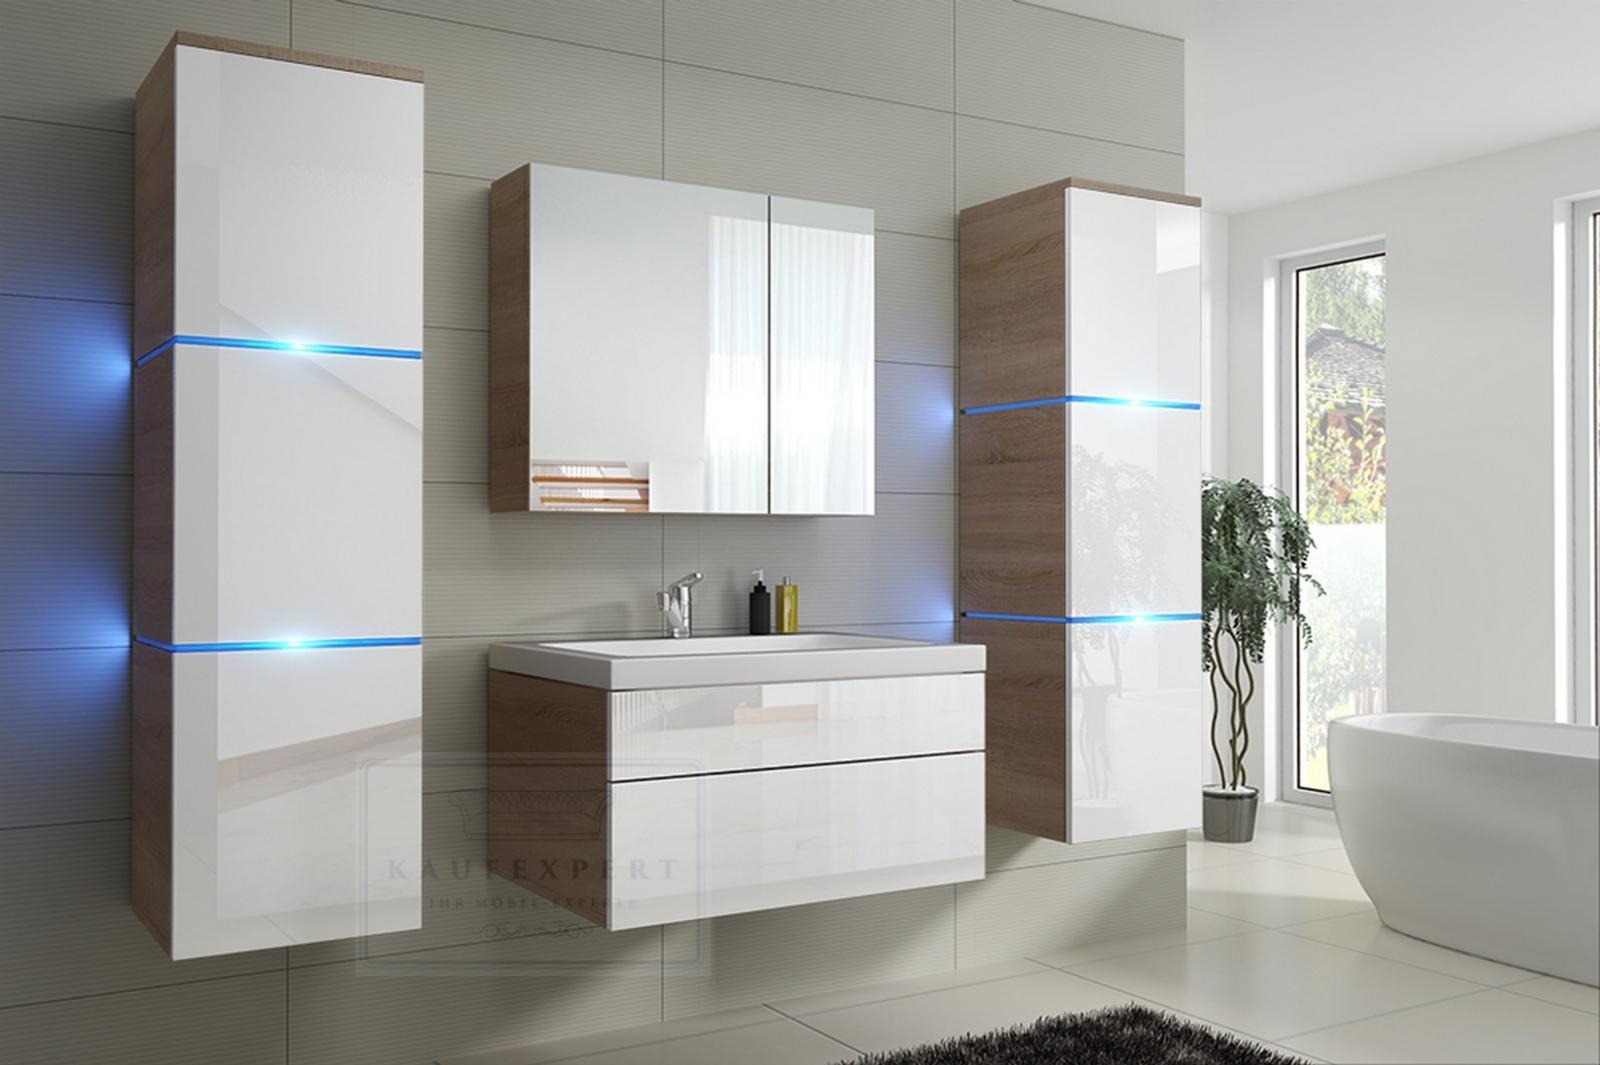 Badezimmermöbel weiß eiche  KAUFEXPERT - Badmöbel-Set Lux NEW Weiß Hochglanz/Sonoma Eiche ...